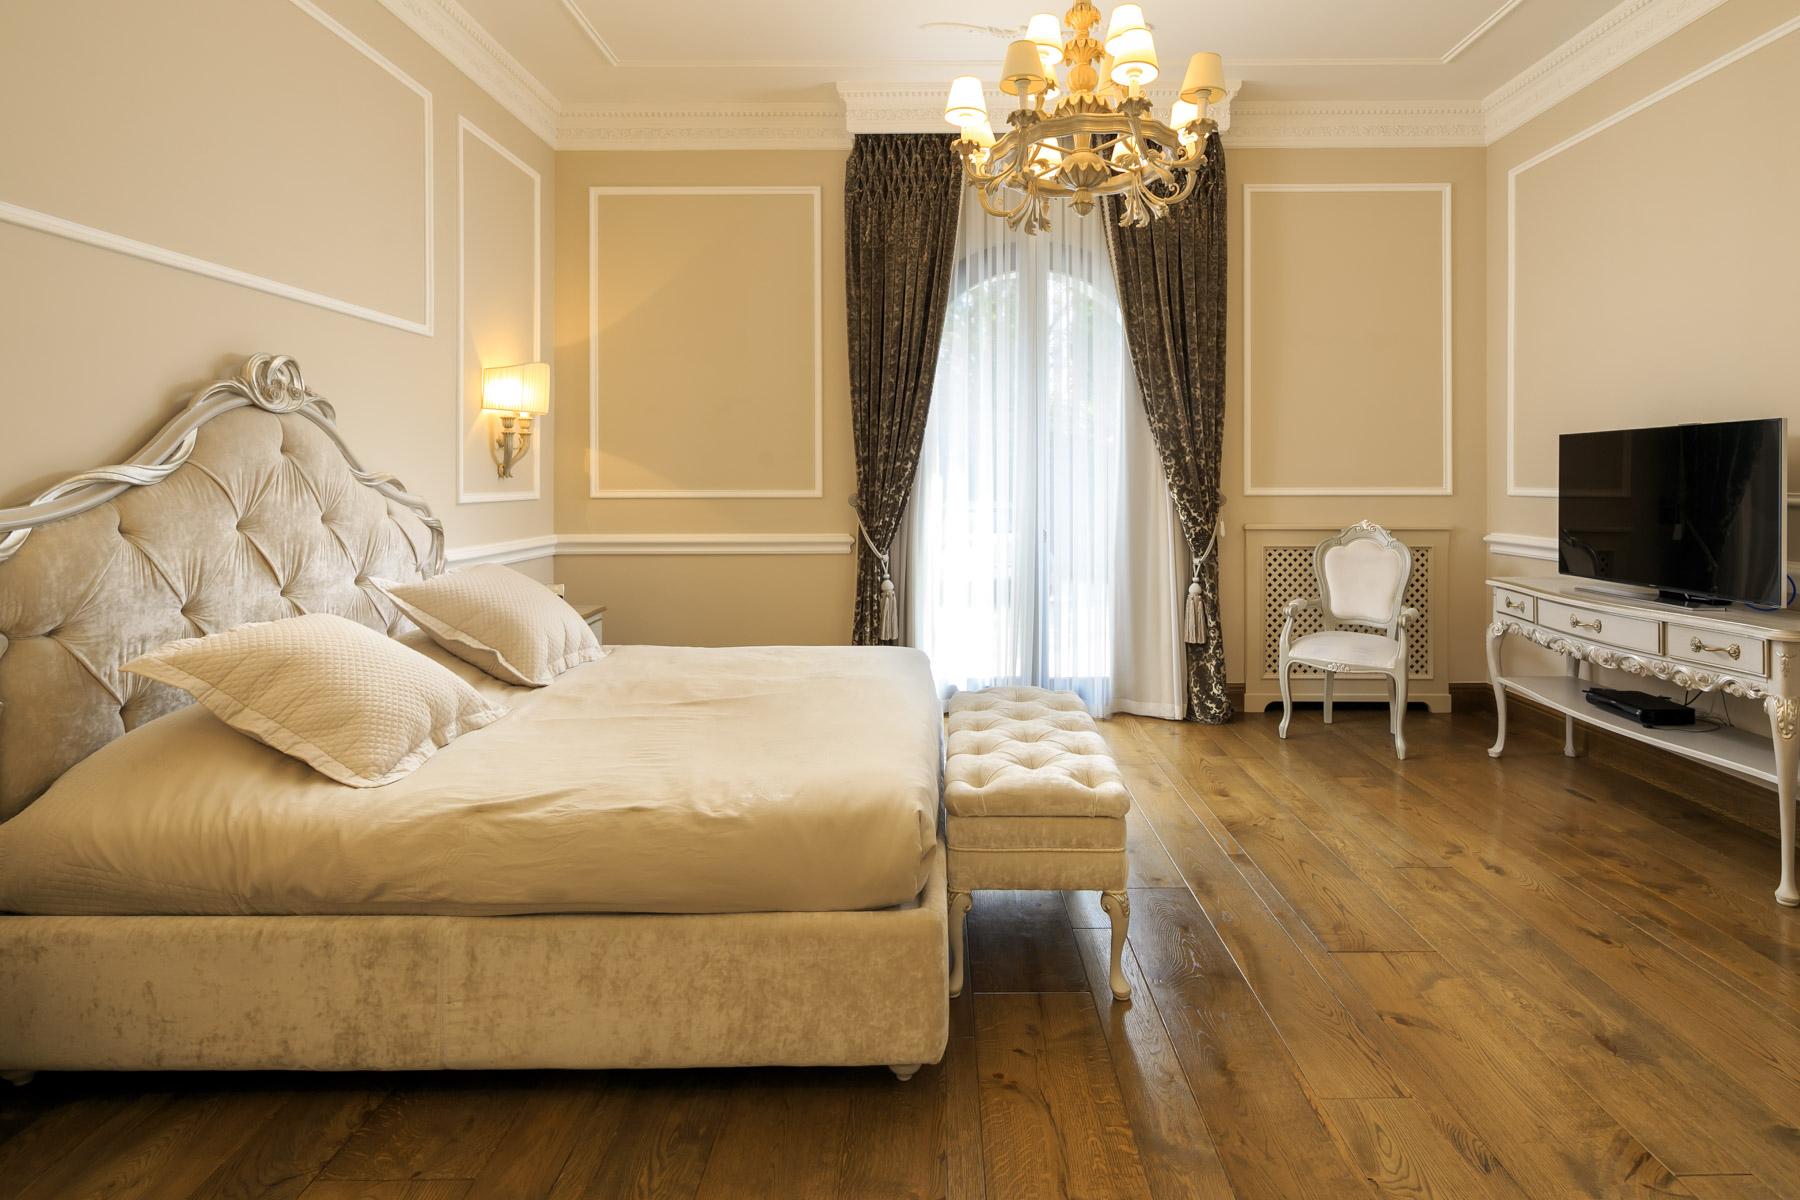 Villa in Vendita a Firenze: 5 locali, 600 mq - Foto 30